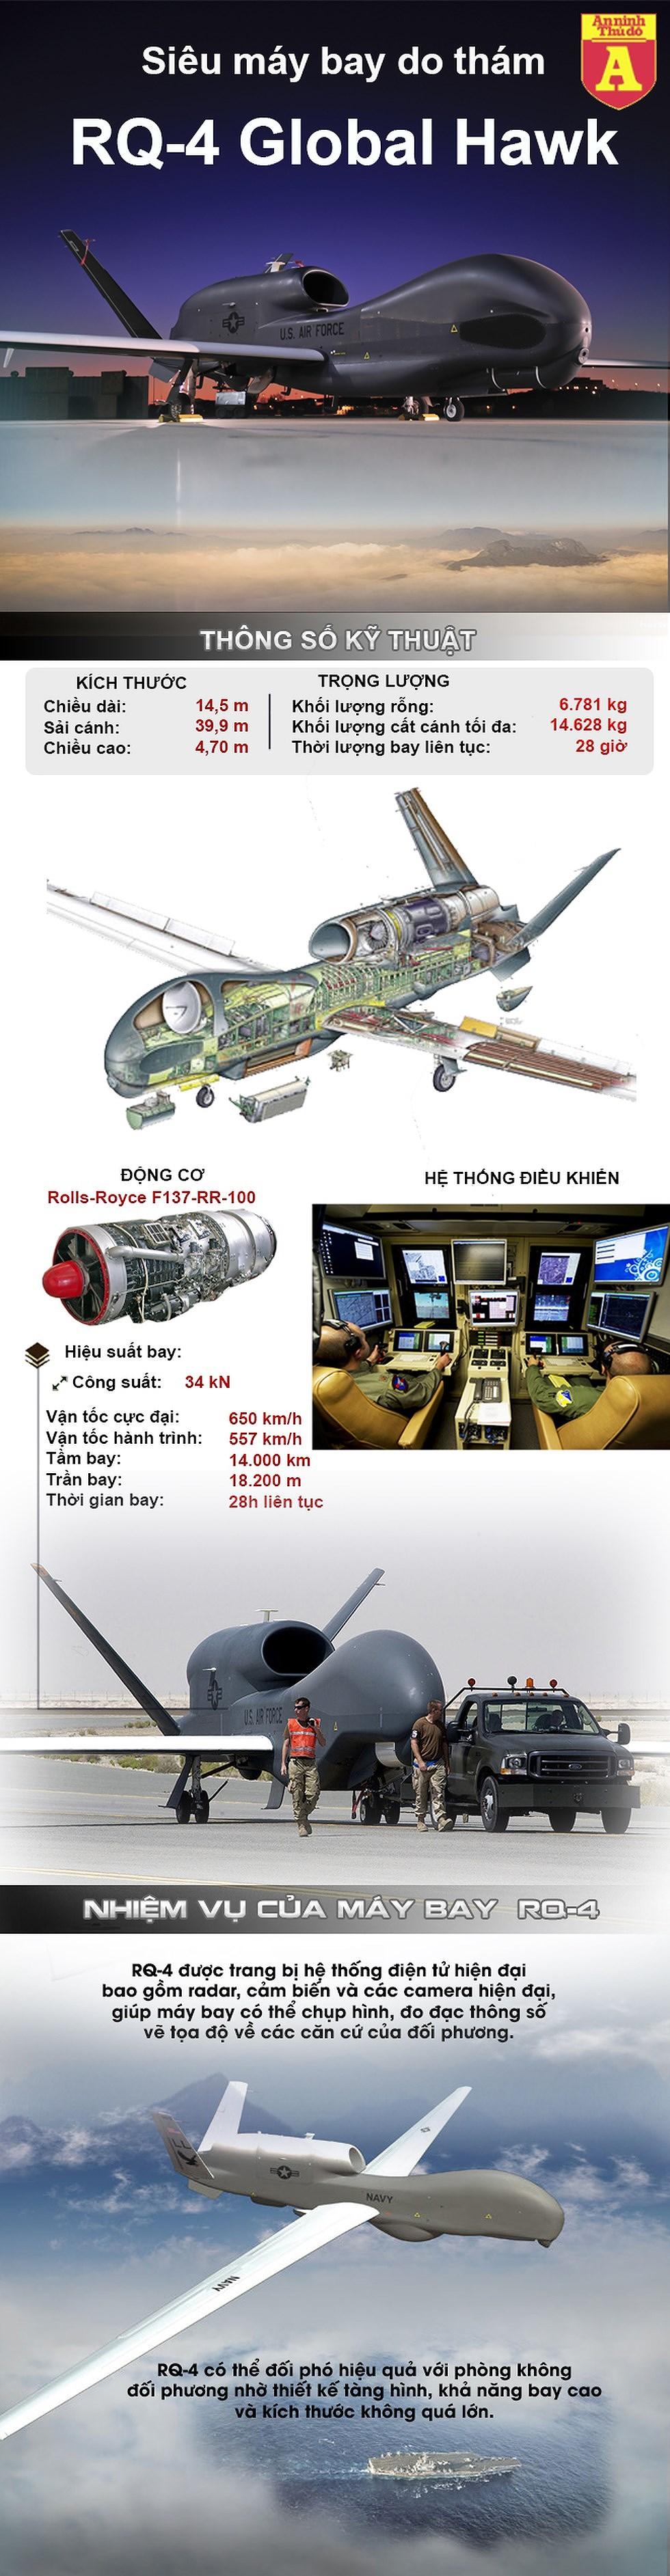 """[Infographics] """"Mắt thần"""" RQ-4 Mỹ đang là tâm điểm nóng tại Trung Đông mạnh cỡ nào? - Ảnh 1"""